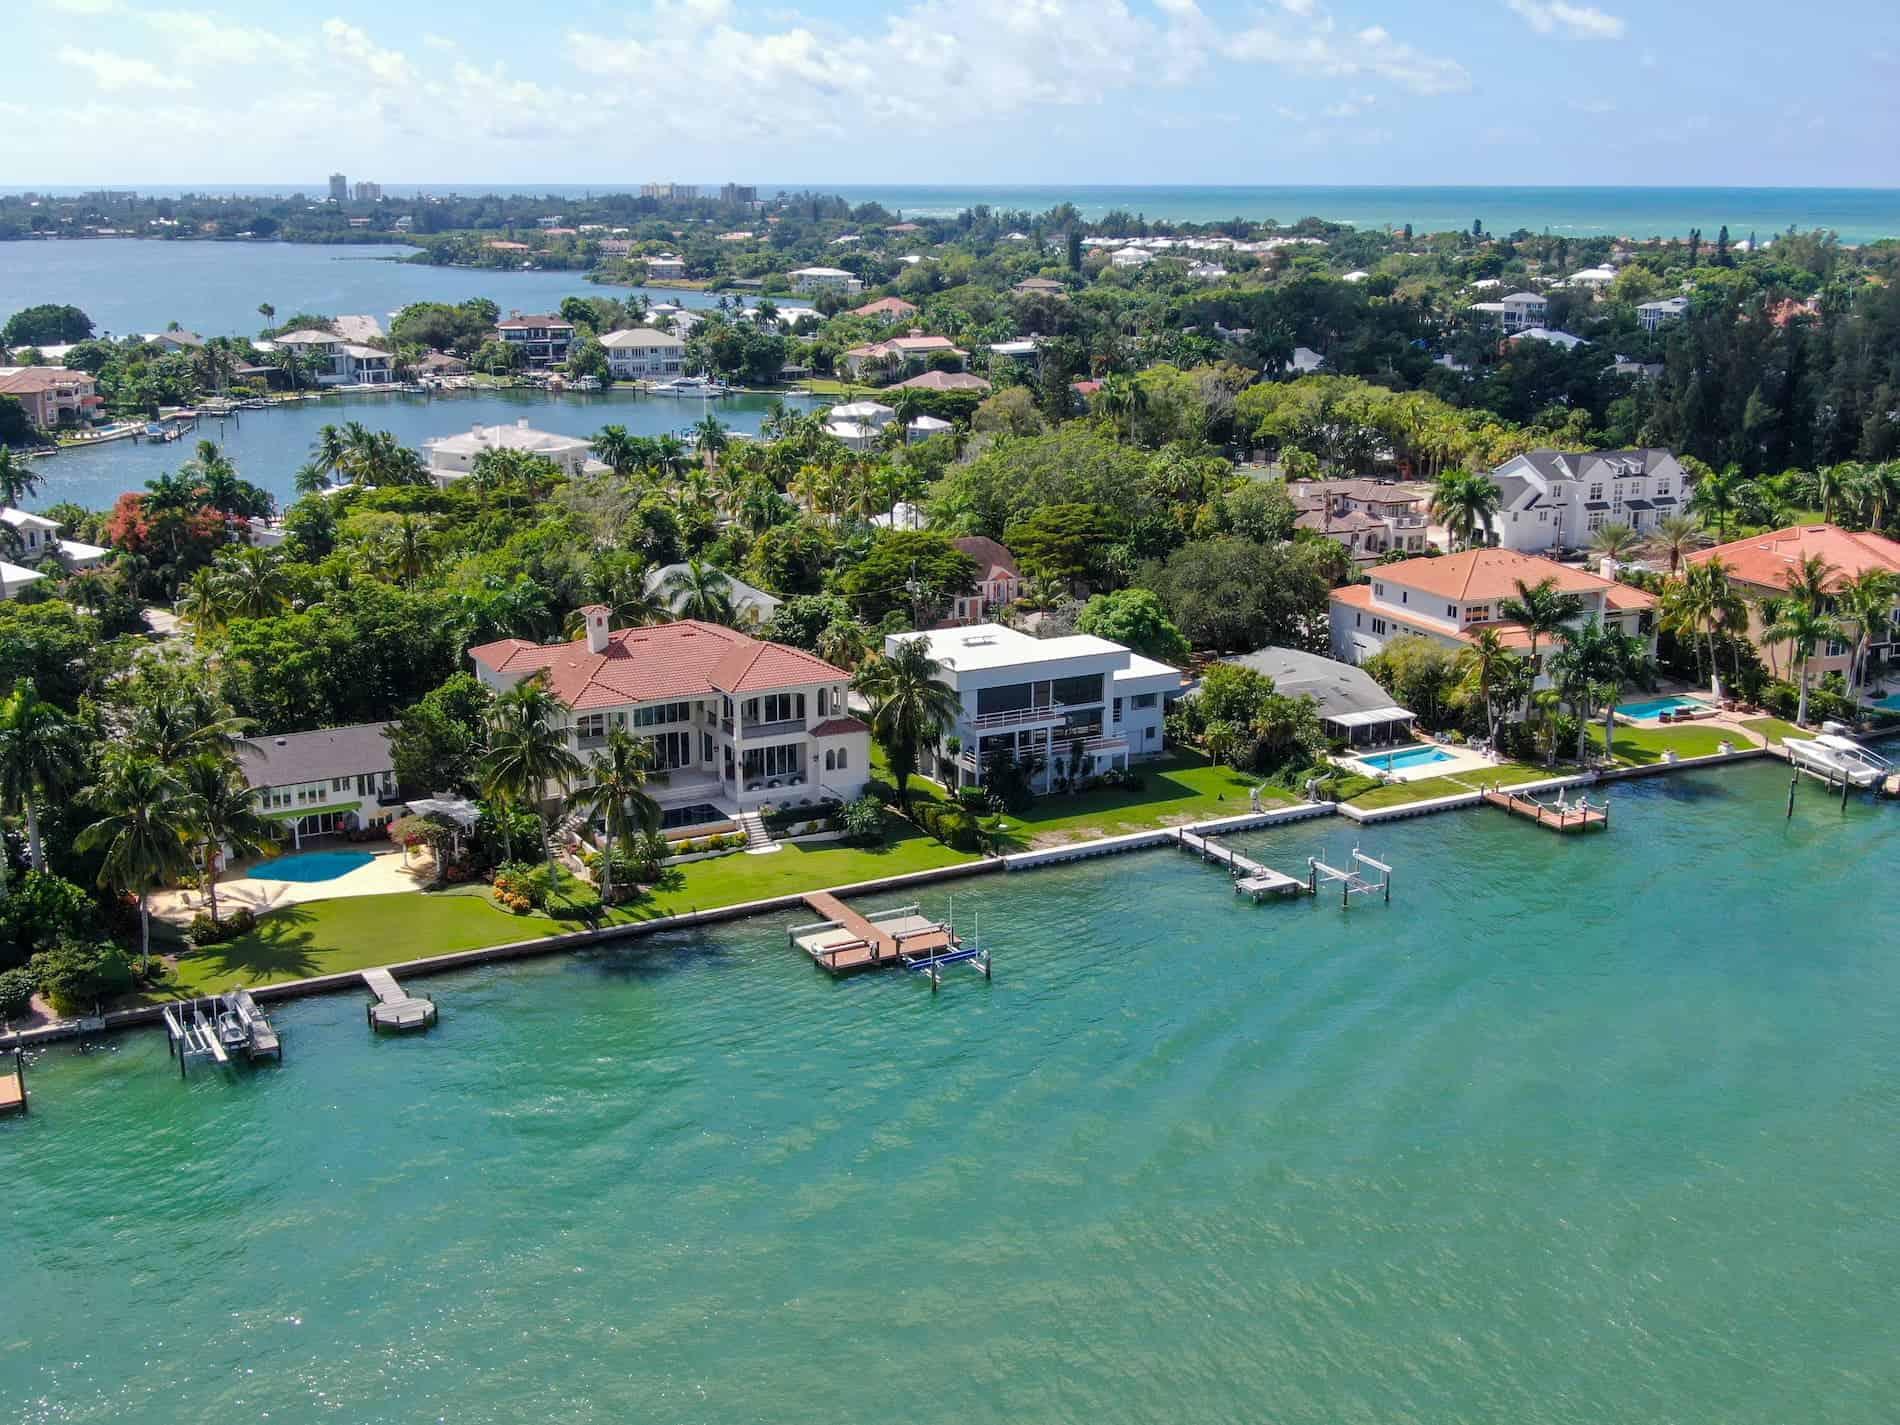 Sarasota Florida Aerial Shot for RoofClaim.com